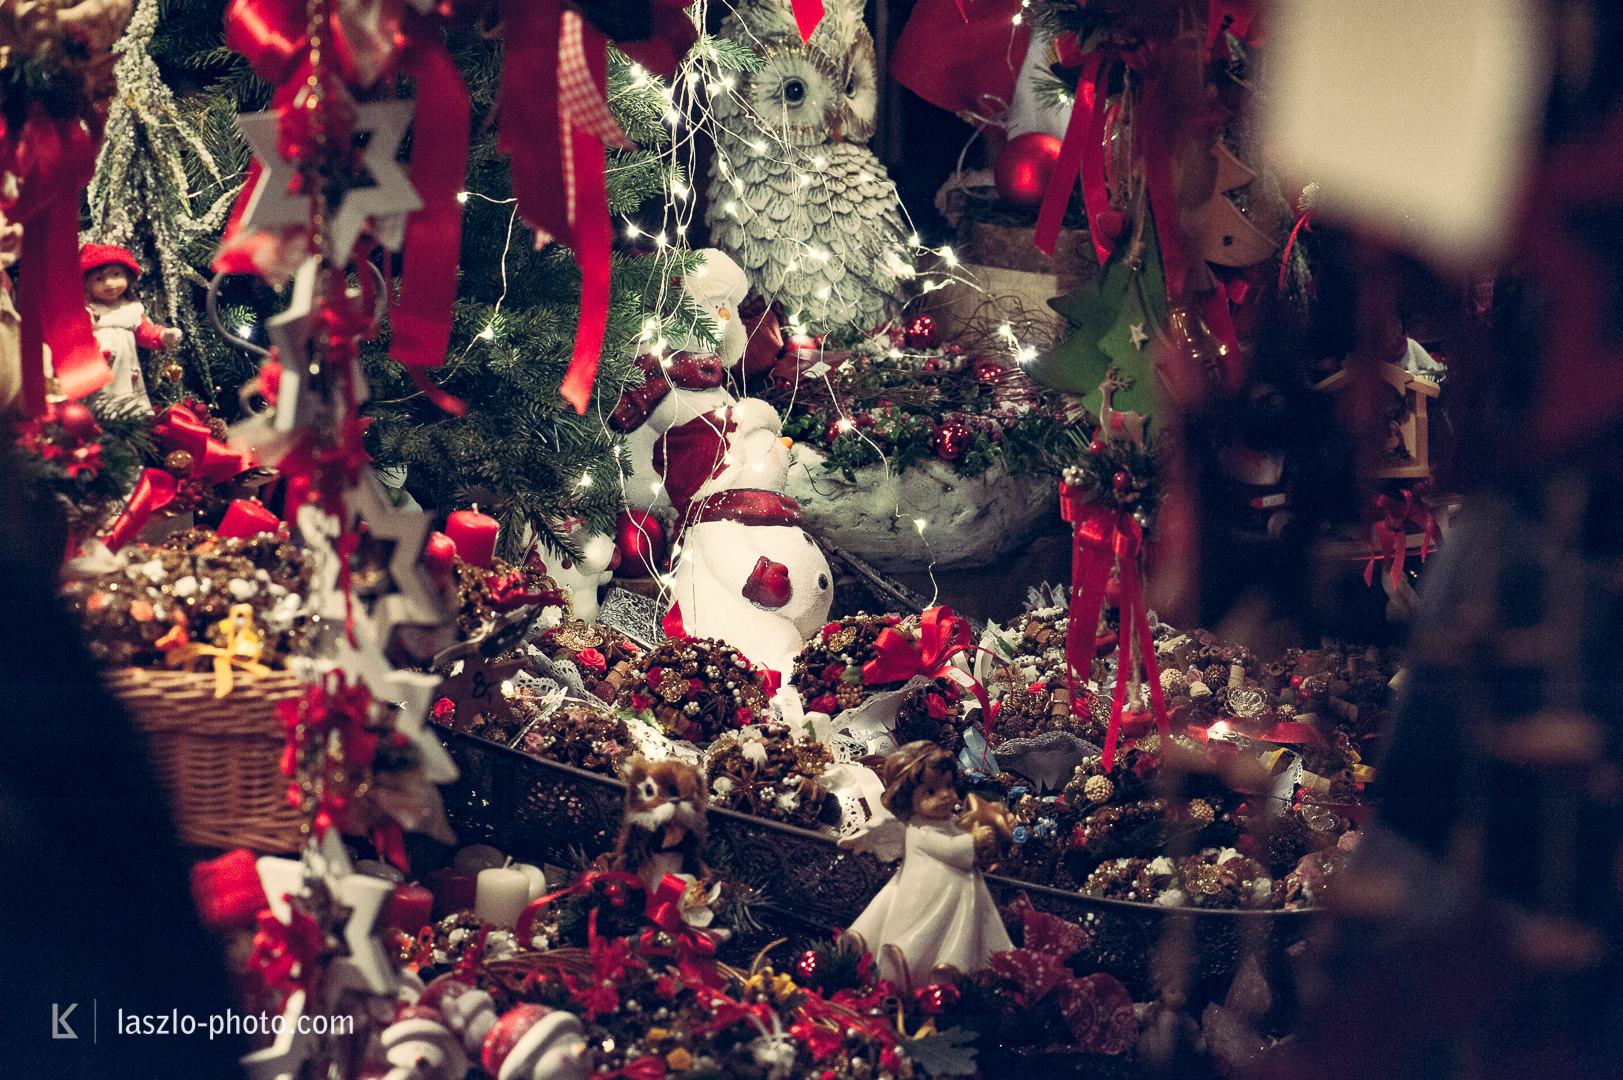 20161209_Weihnachten_Christkindlmarkt-4796